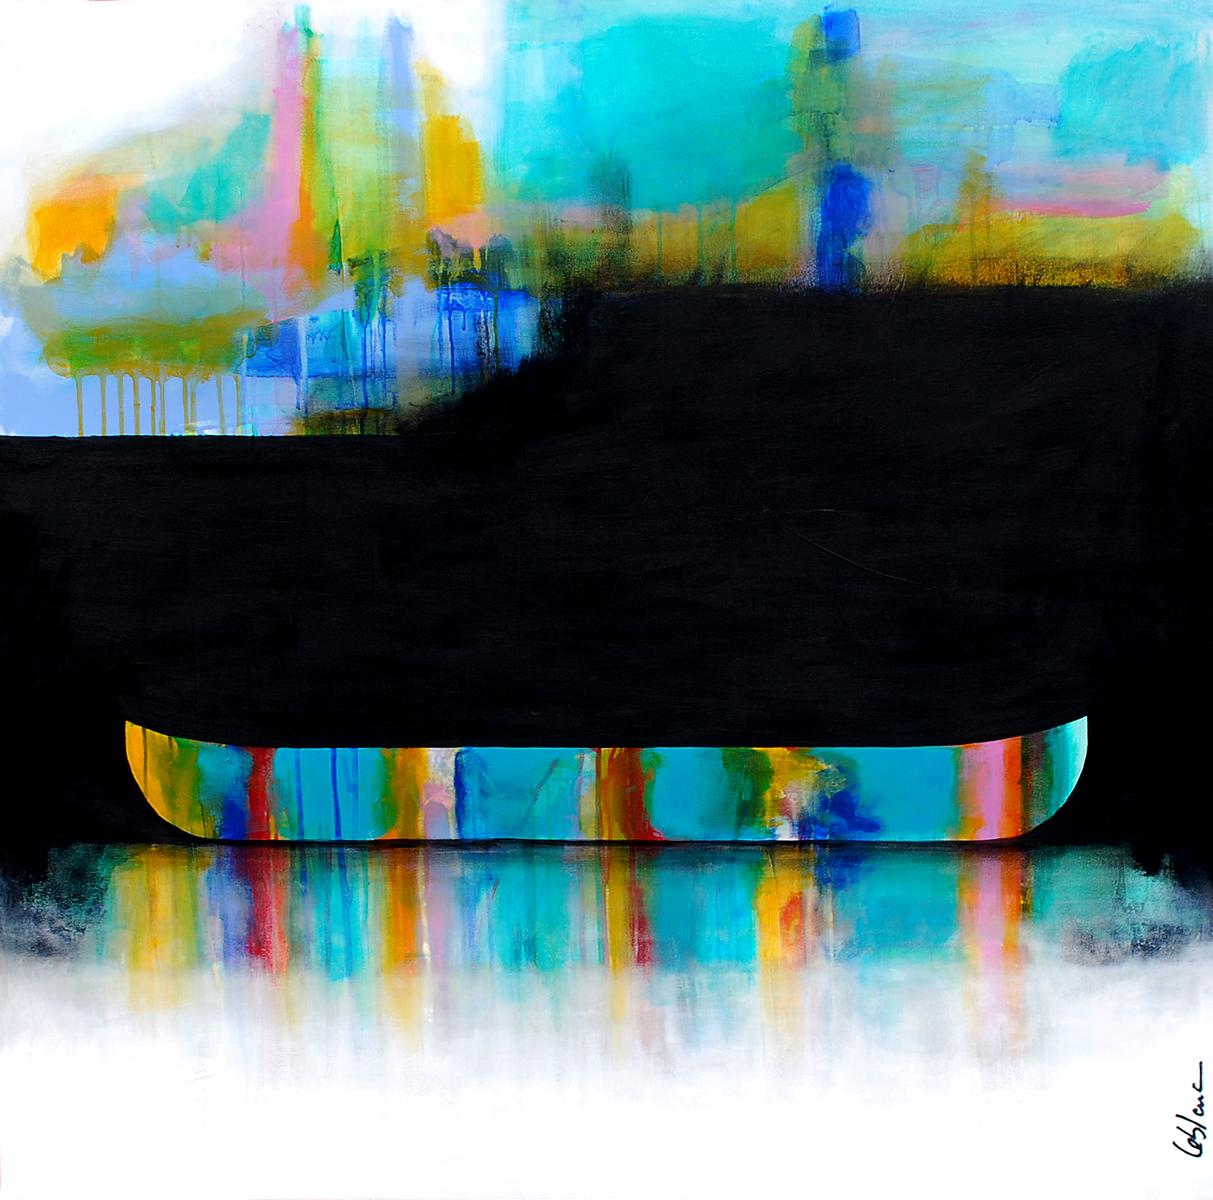 Parfois il y a de ses lumières, mixed media canoe painting by Sylvain Leblanc | Effusion Art Gallery + Cast Glass Studio, Invermere BC